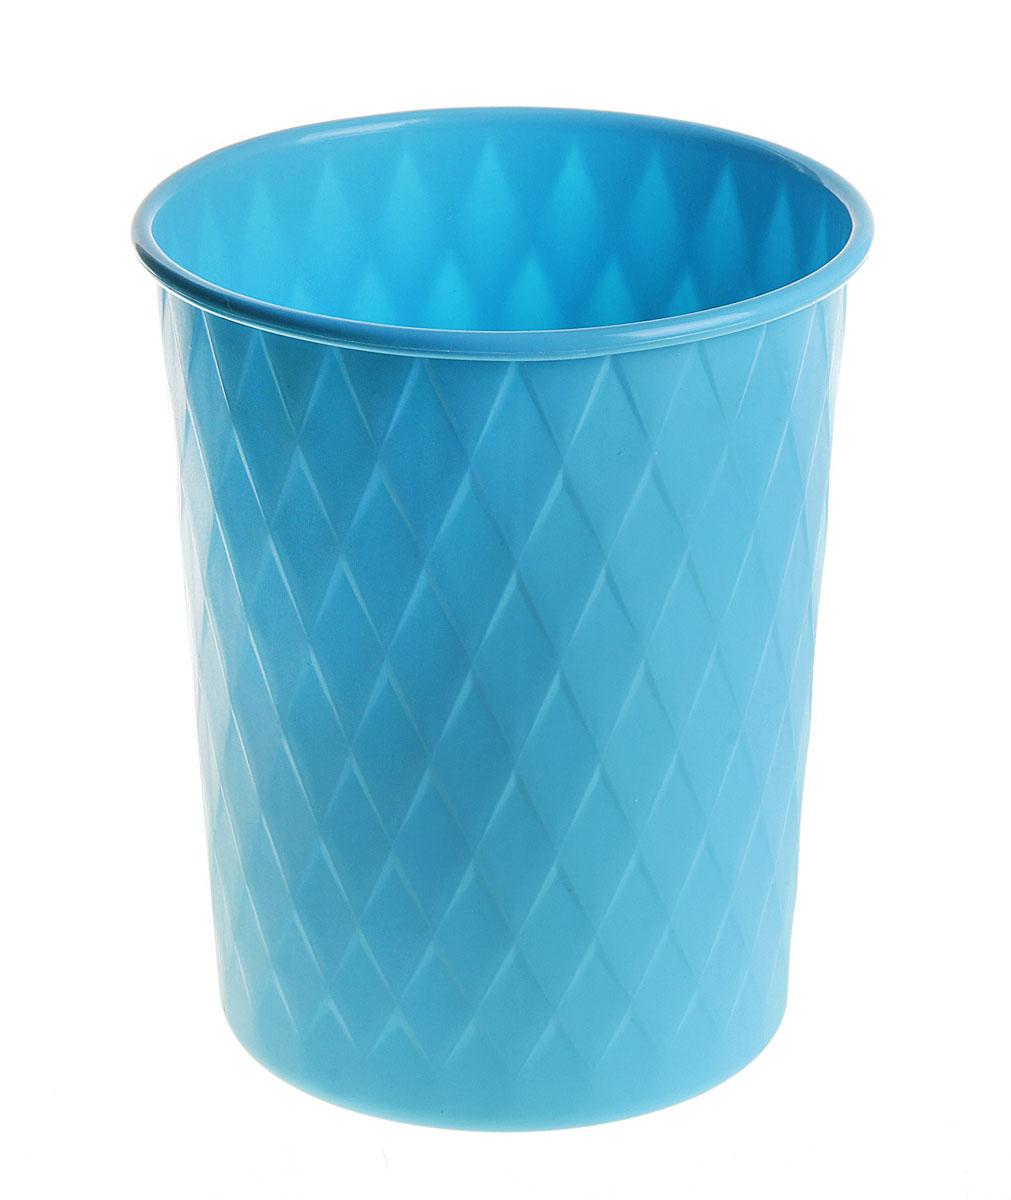 Ведерко Sima-land Ромб, пластиковое, цвет: синий, высота 24 см147471Ведерко Sima-land Ромб изготовлено из пластика и предназначено для складывания мусора, различных мелких предметов и материалов. Поверхность изделия декорирована рельефным ромбовидным рисунком.Размер ведерка: 24 см х 19,5 см.Диаметр дна: 15,5 см.